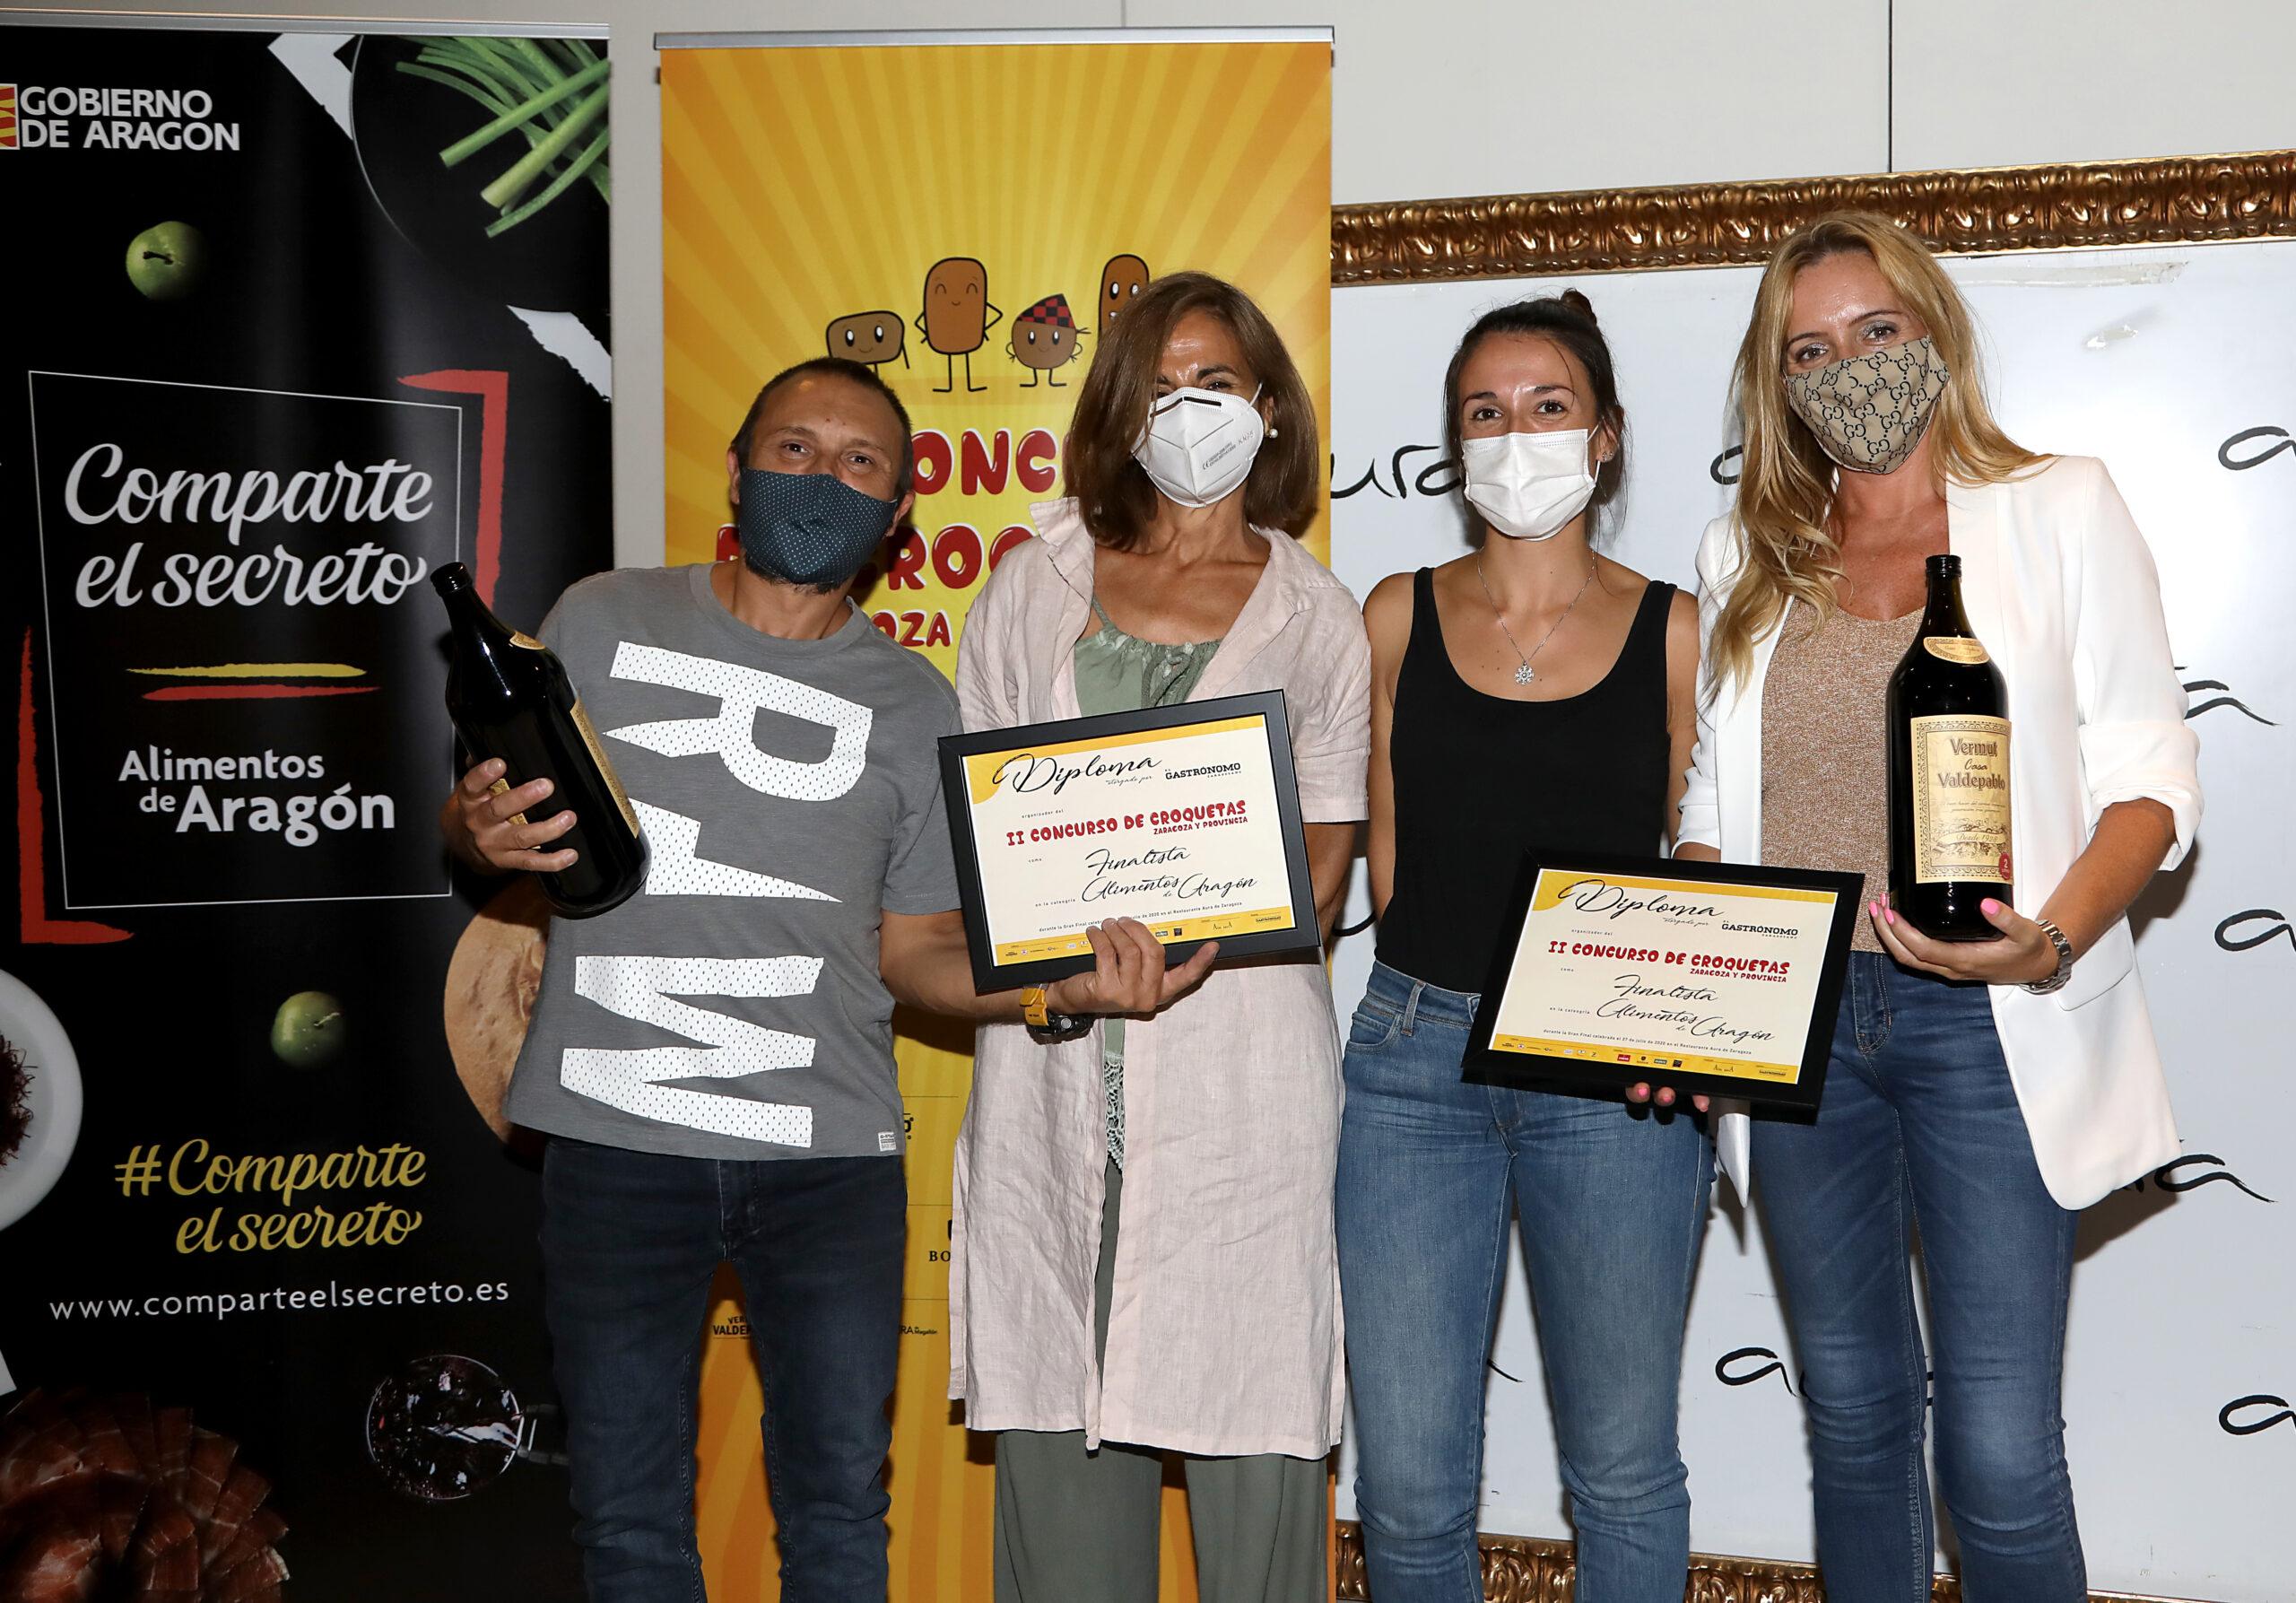 Ganador y finalistas de la mejor croqueta elaborada con alimentos de Aragón